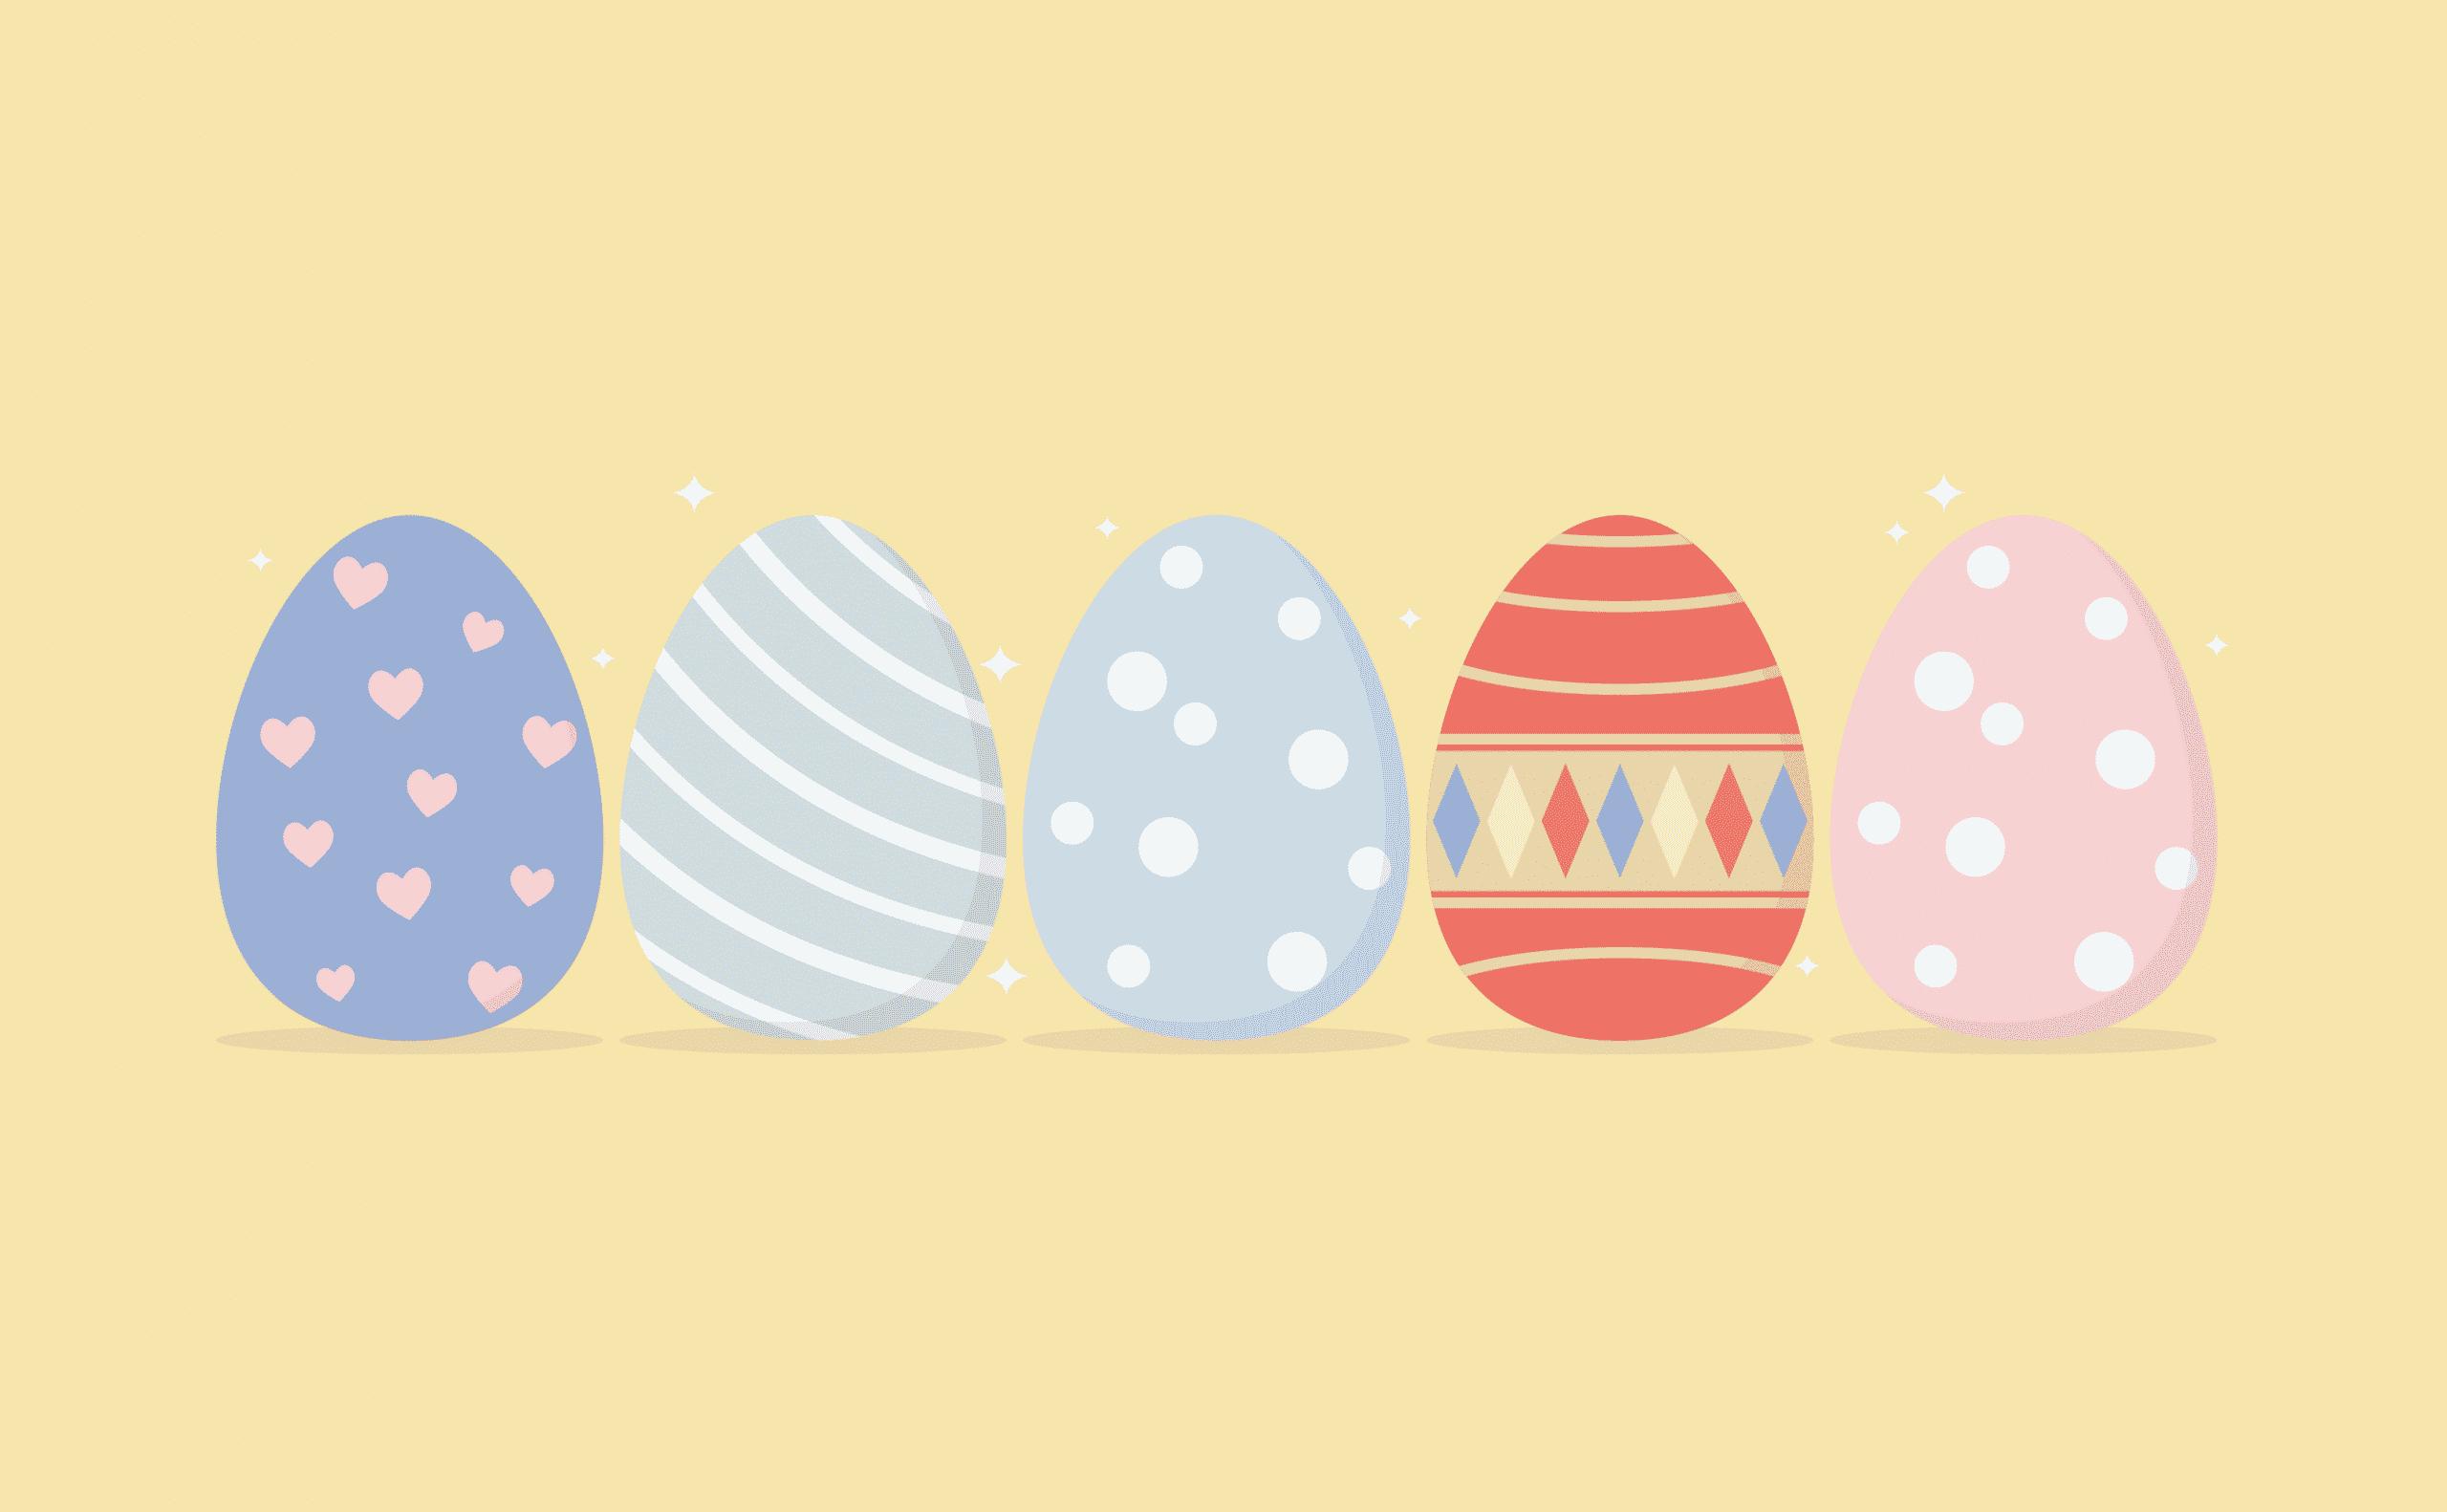 Ostergrüße Und Beliebte Osterwünsche • Ostern 2020 in Osterglückwünsche Auf Englisch